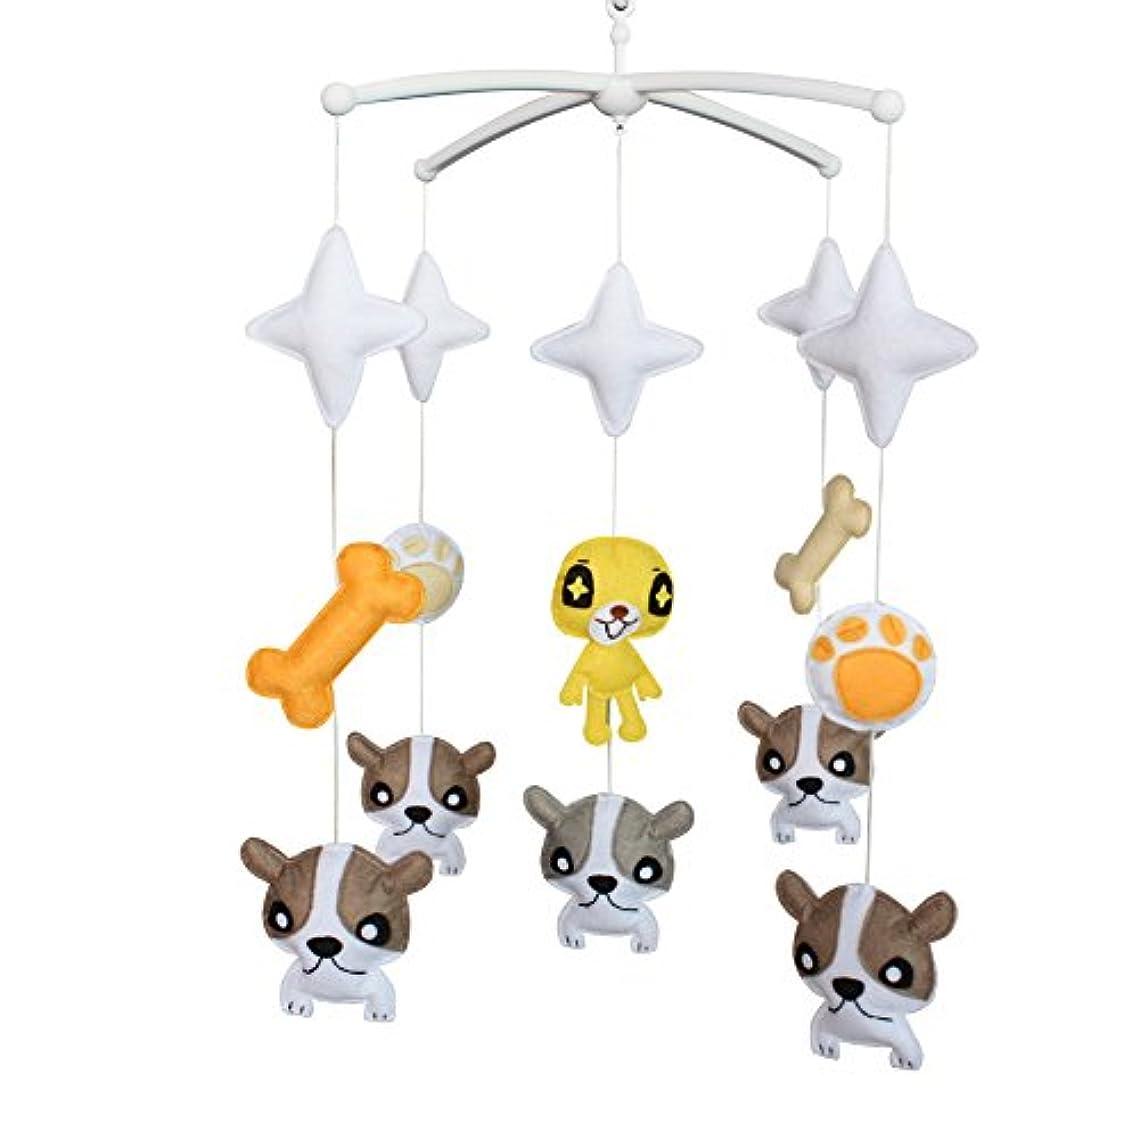 控えめなブロンズ細心の[かわいい犬]ベビーベッドの装飾音楽モバイル、絶妙なハンギングおもちゃ